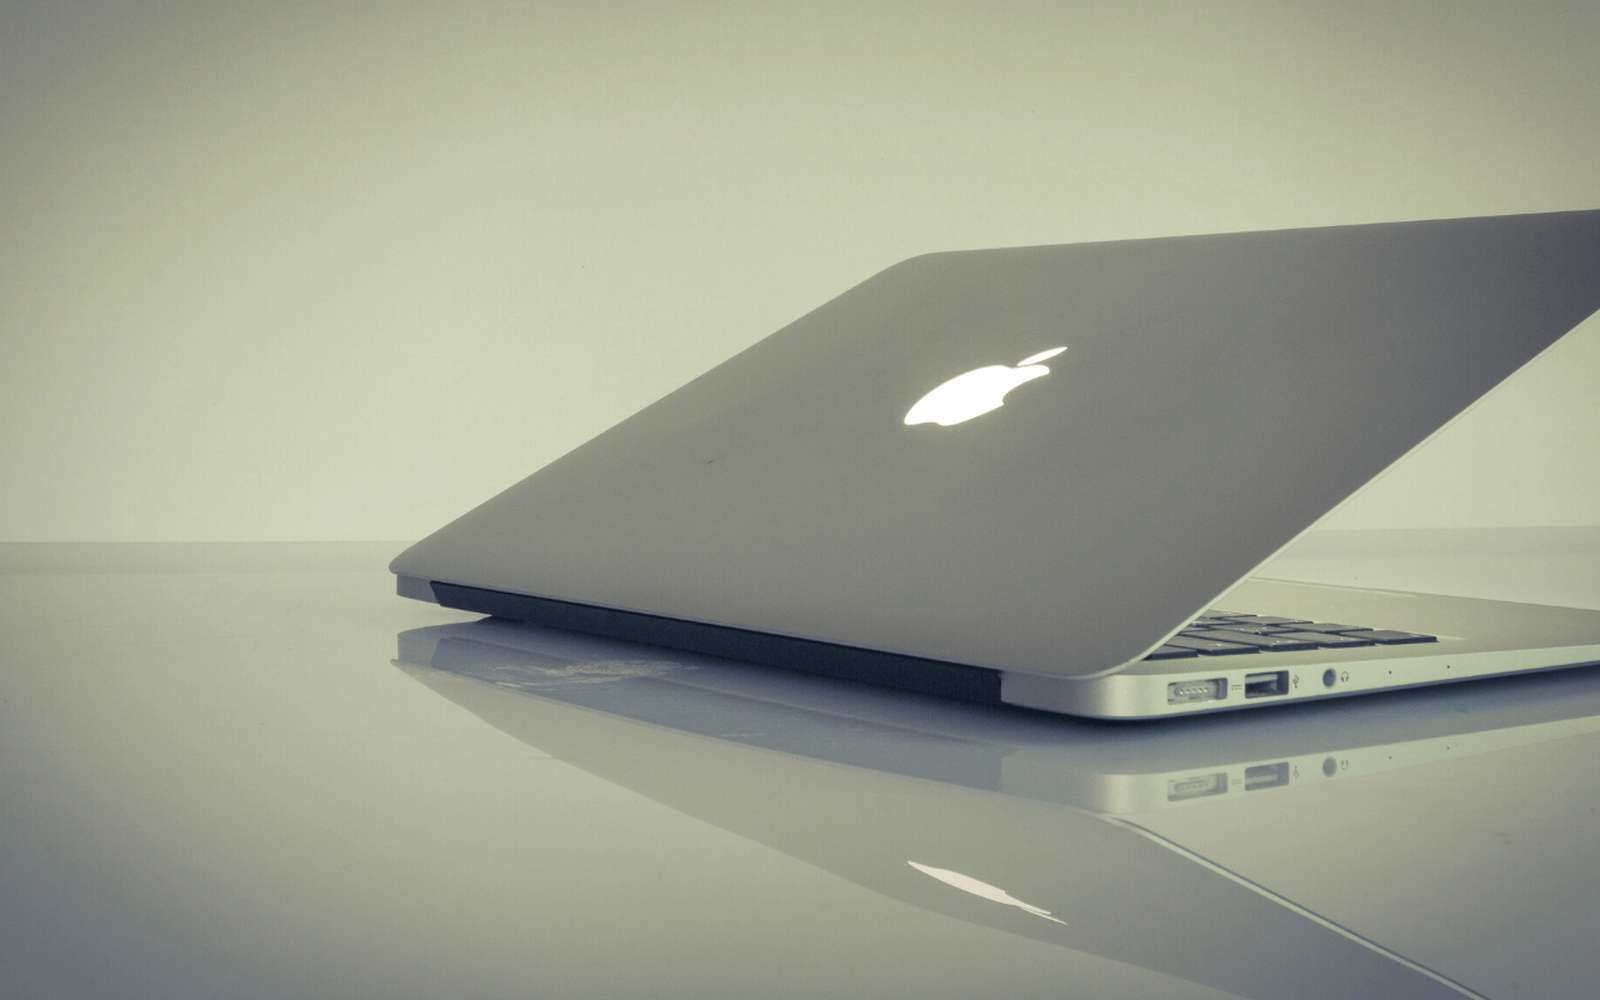 Le clavier rétractable permettrait de gagner en finesse. © Apple